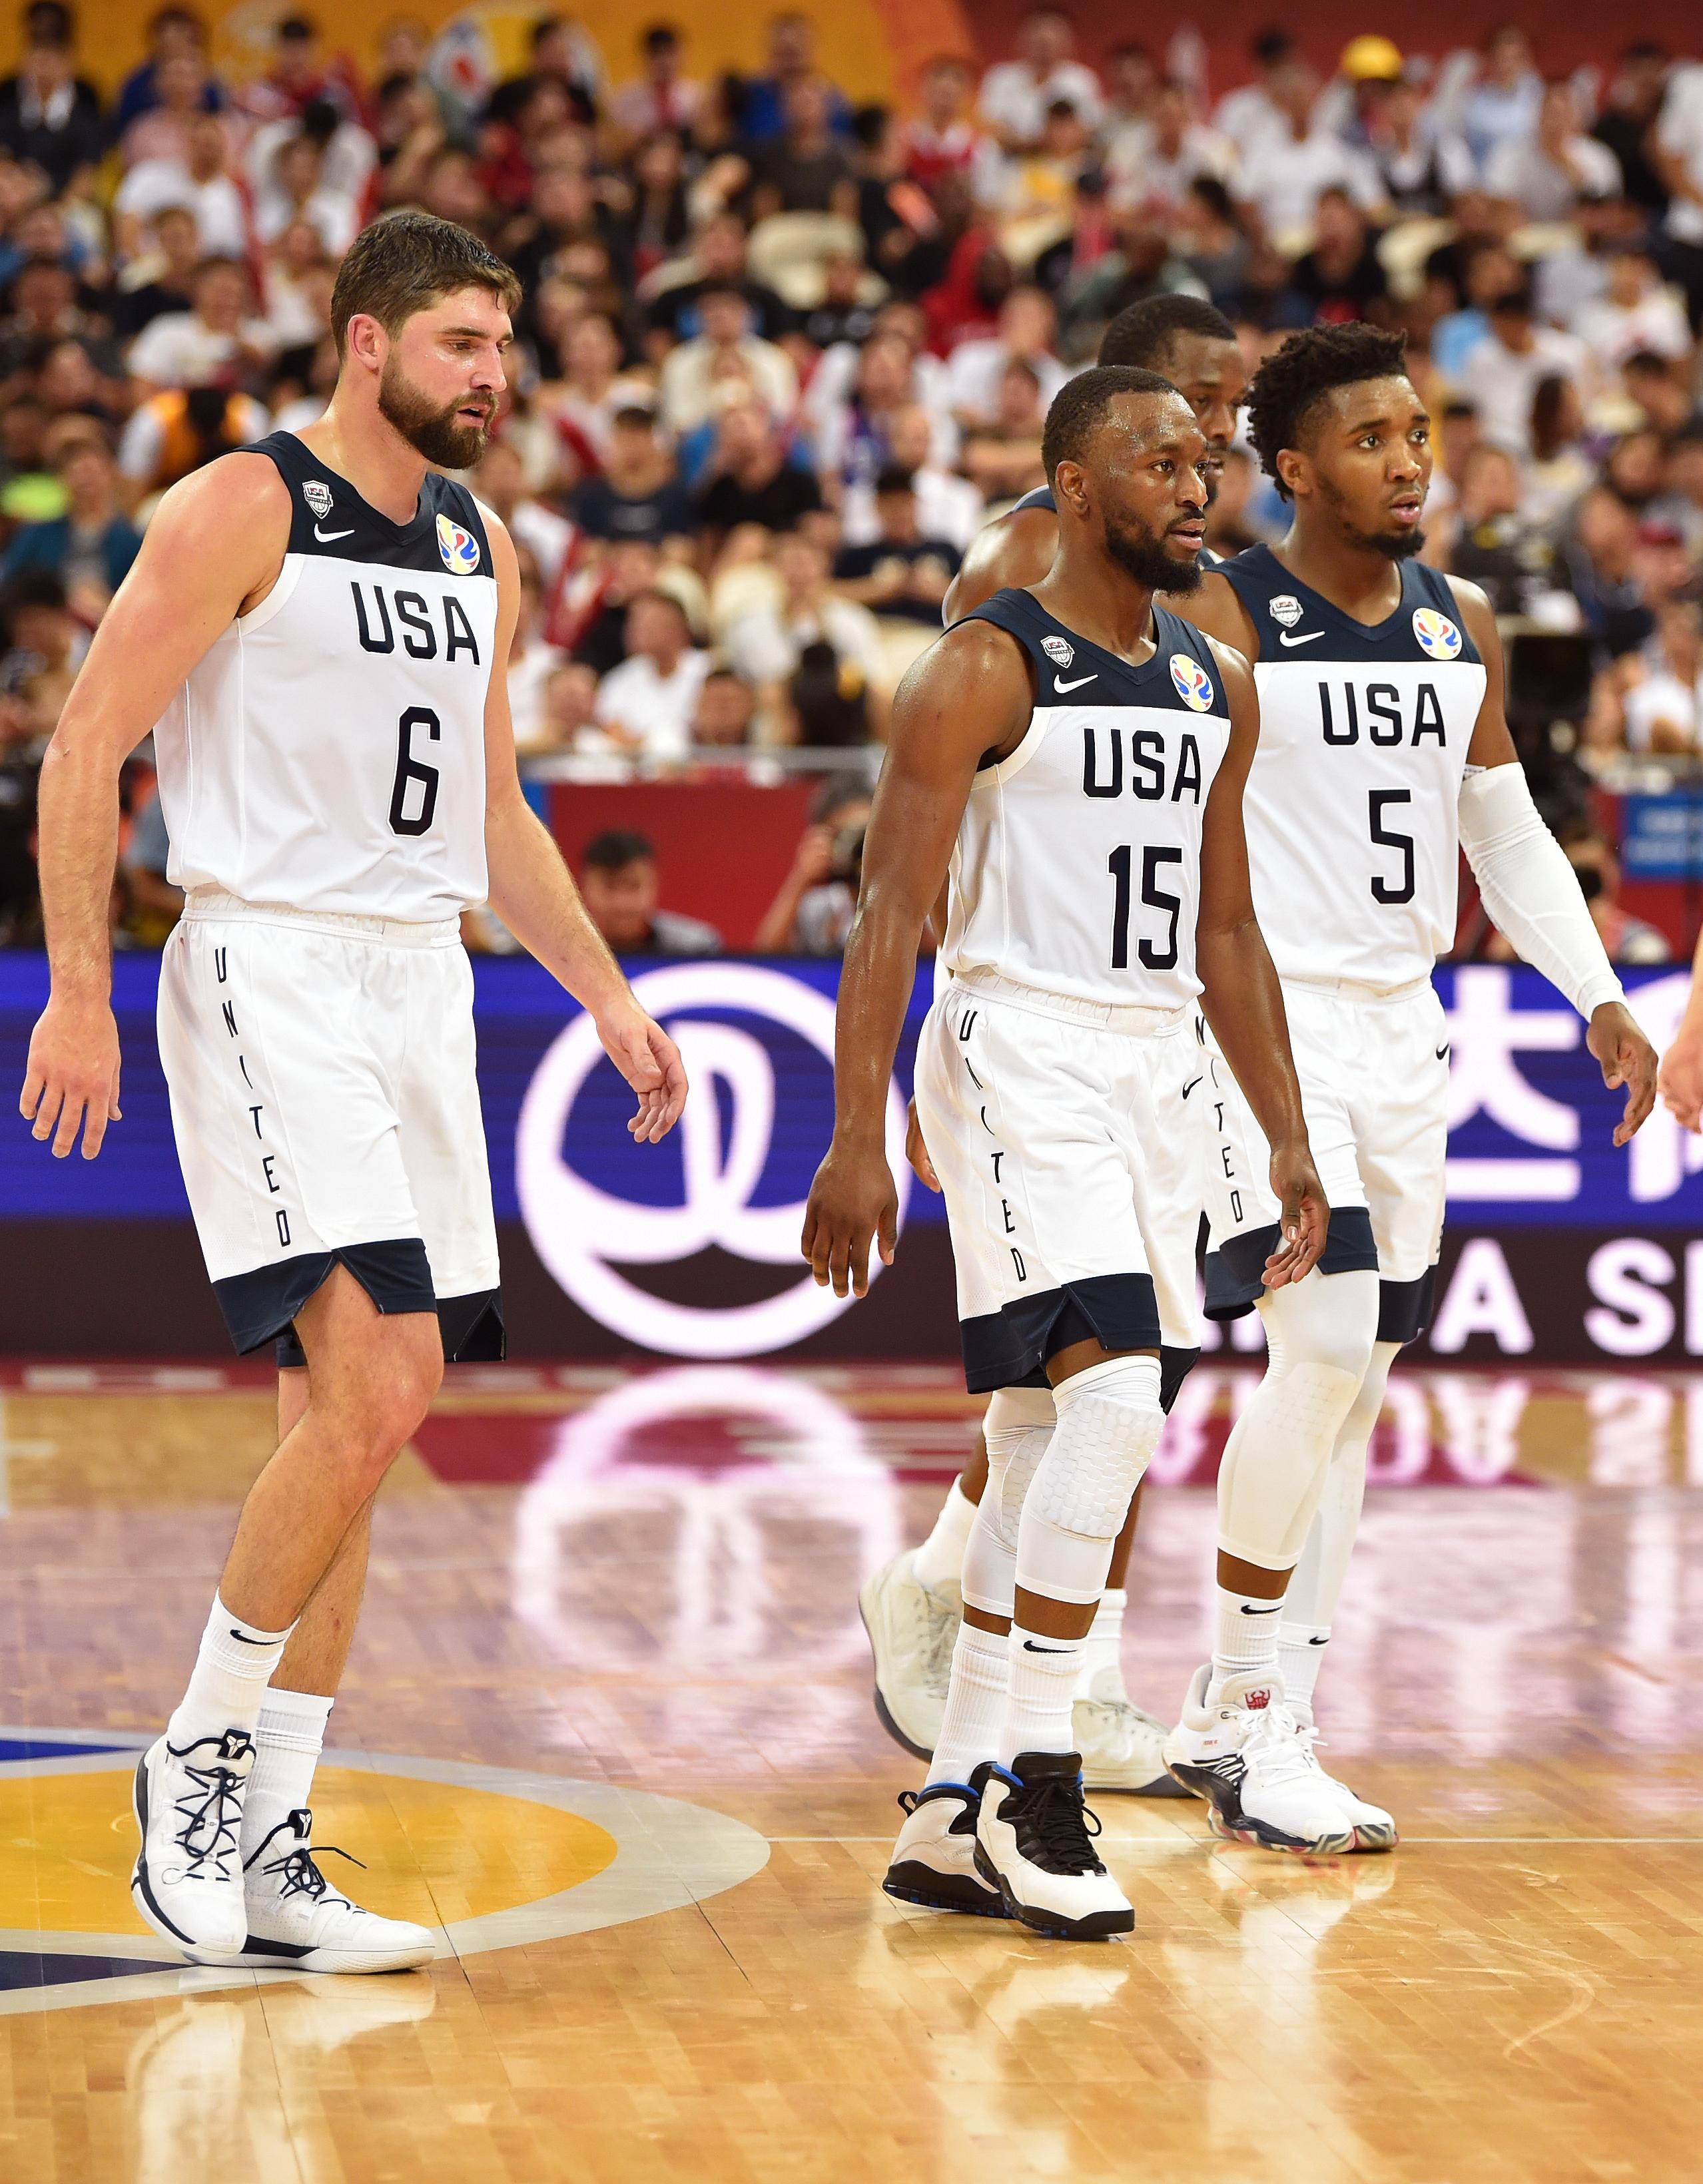 2019 FIBA Basketball World Cup - USA v Japan